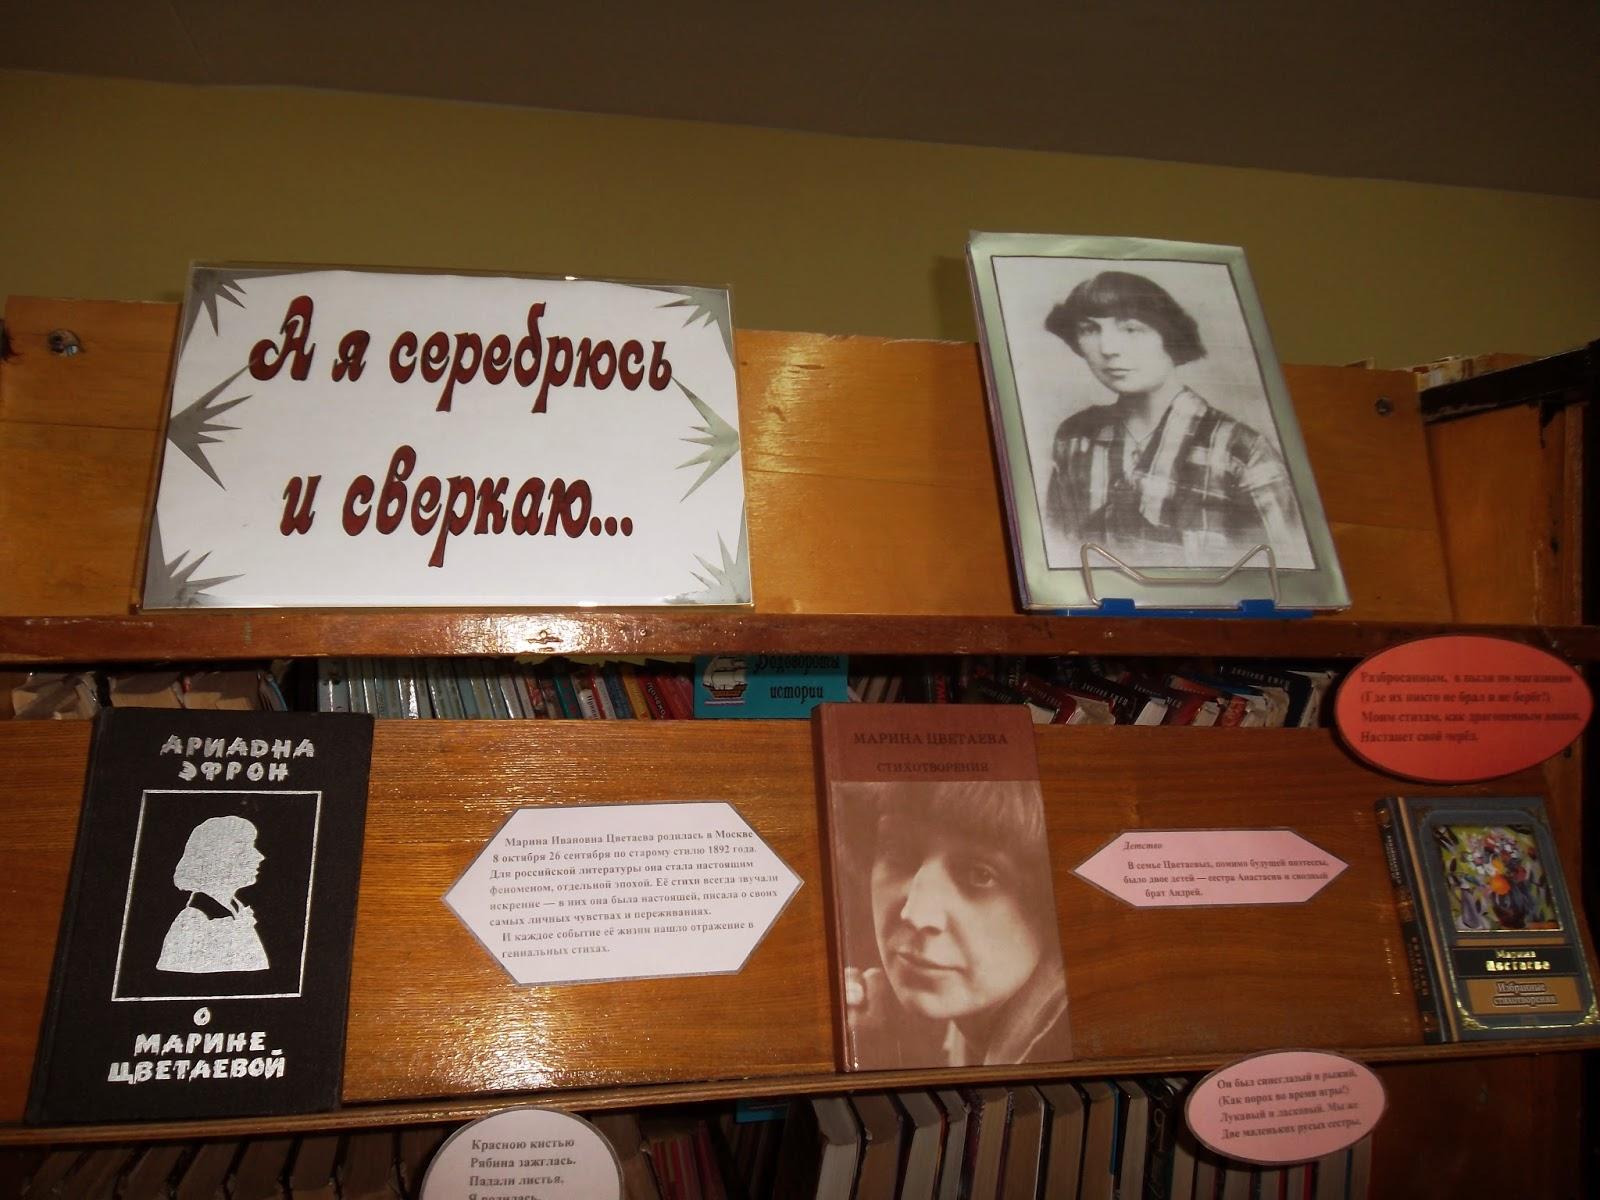 Выставка, посвященная М. Цветаевой